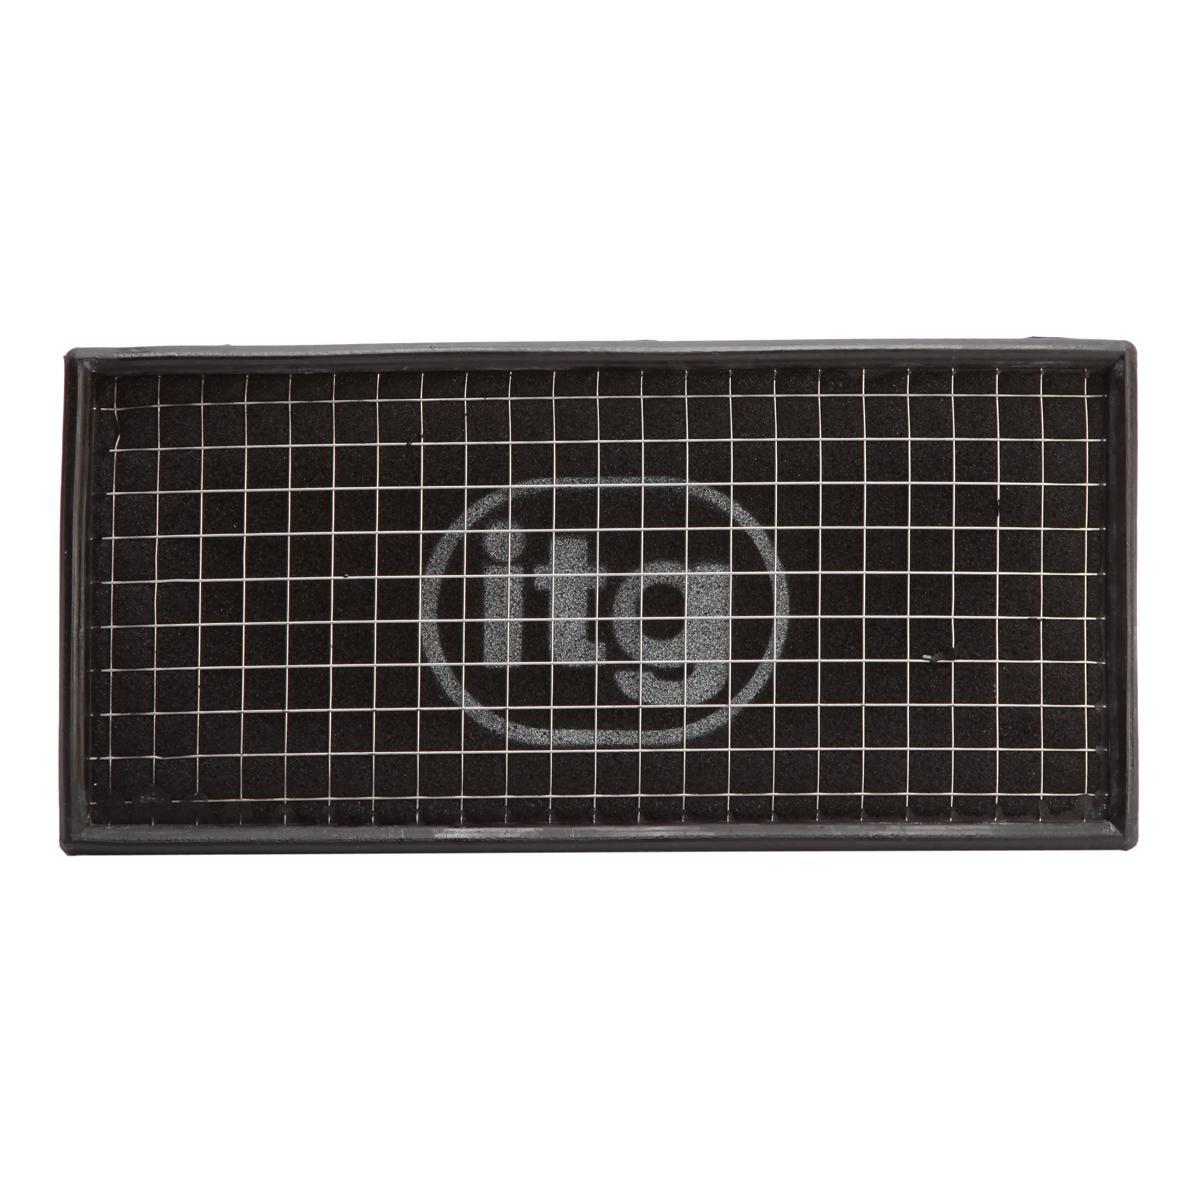 filtre air d 39 itg profilter peugeot diesel 106 wb 423. Black Bedroom Furniture Sets. Home Design Ideas